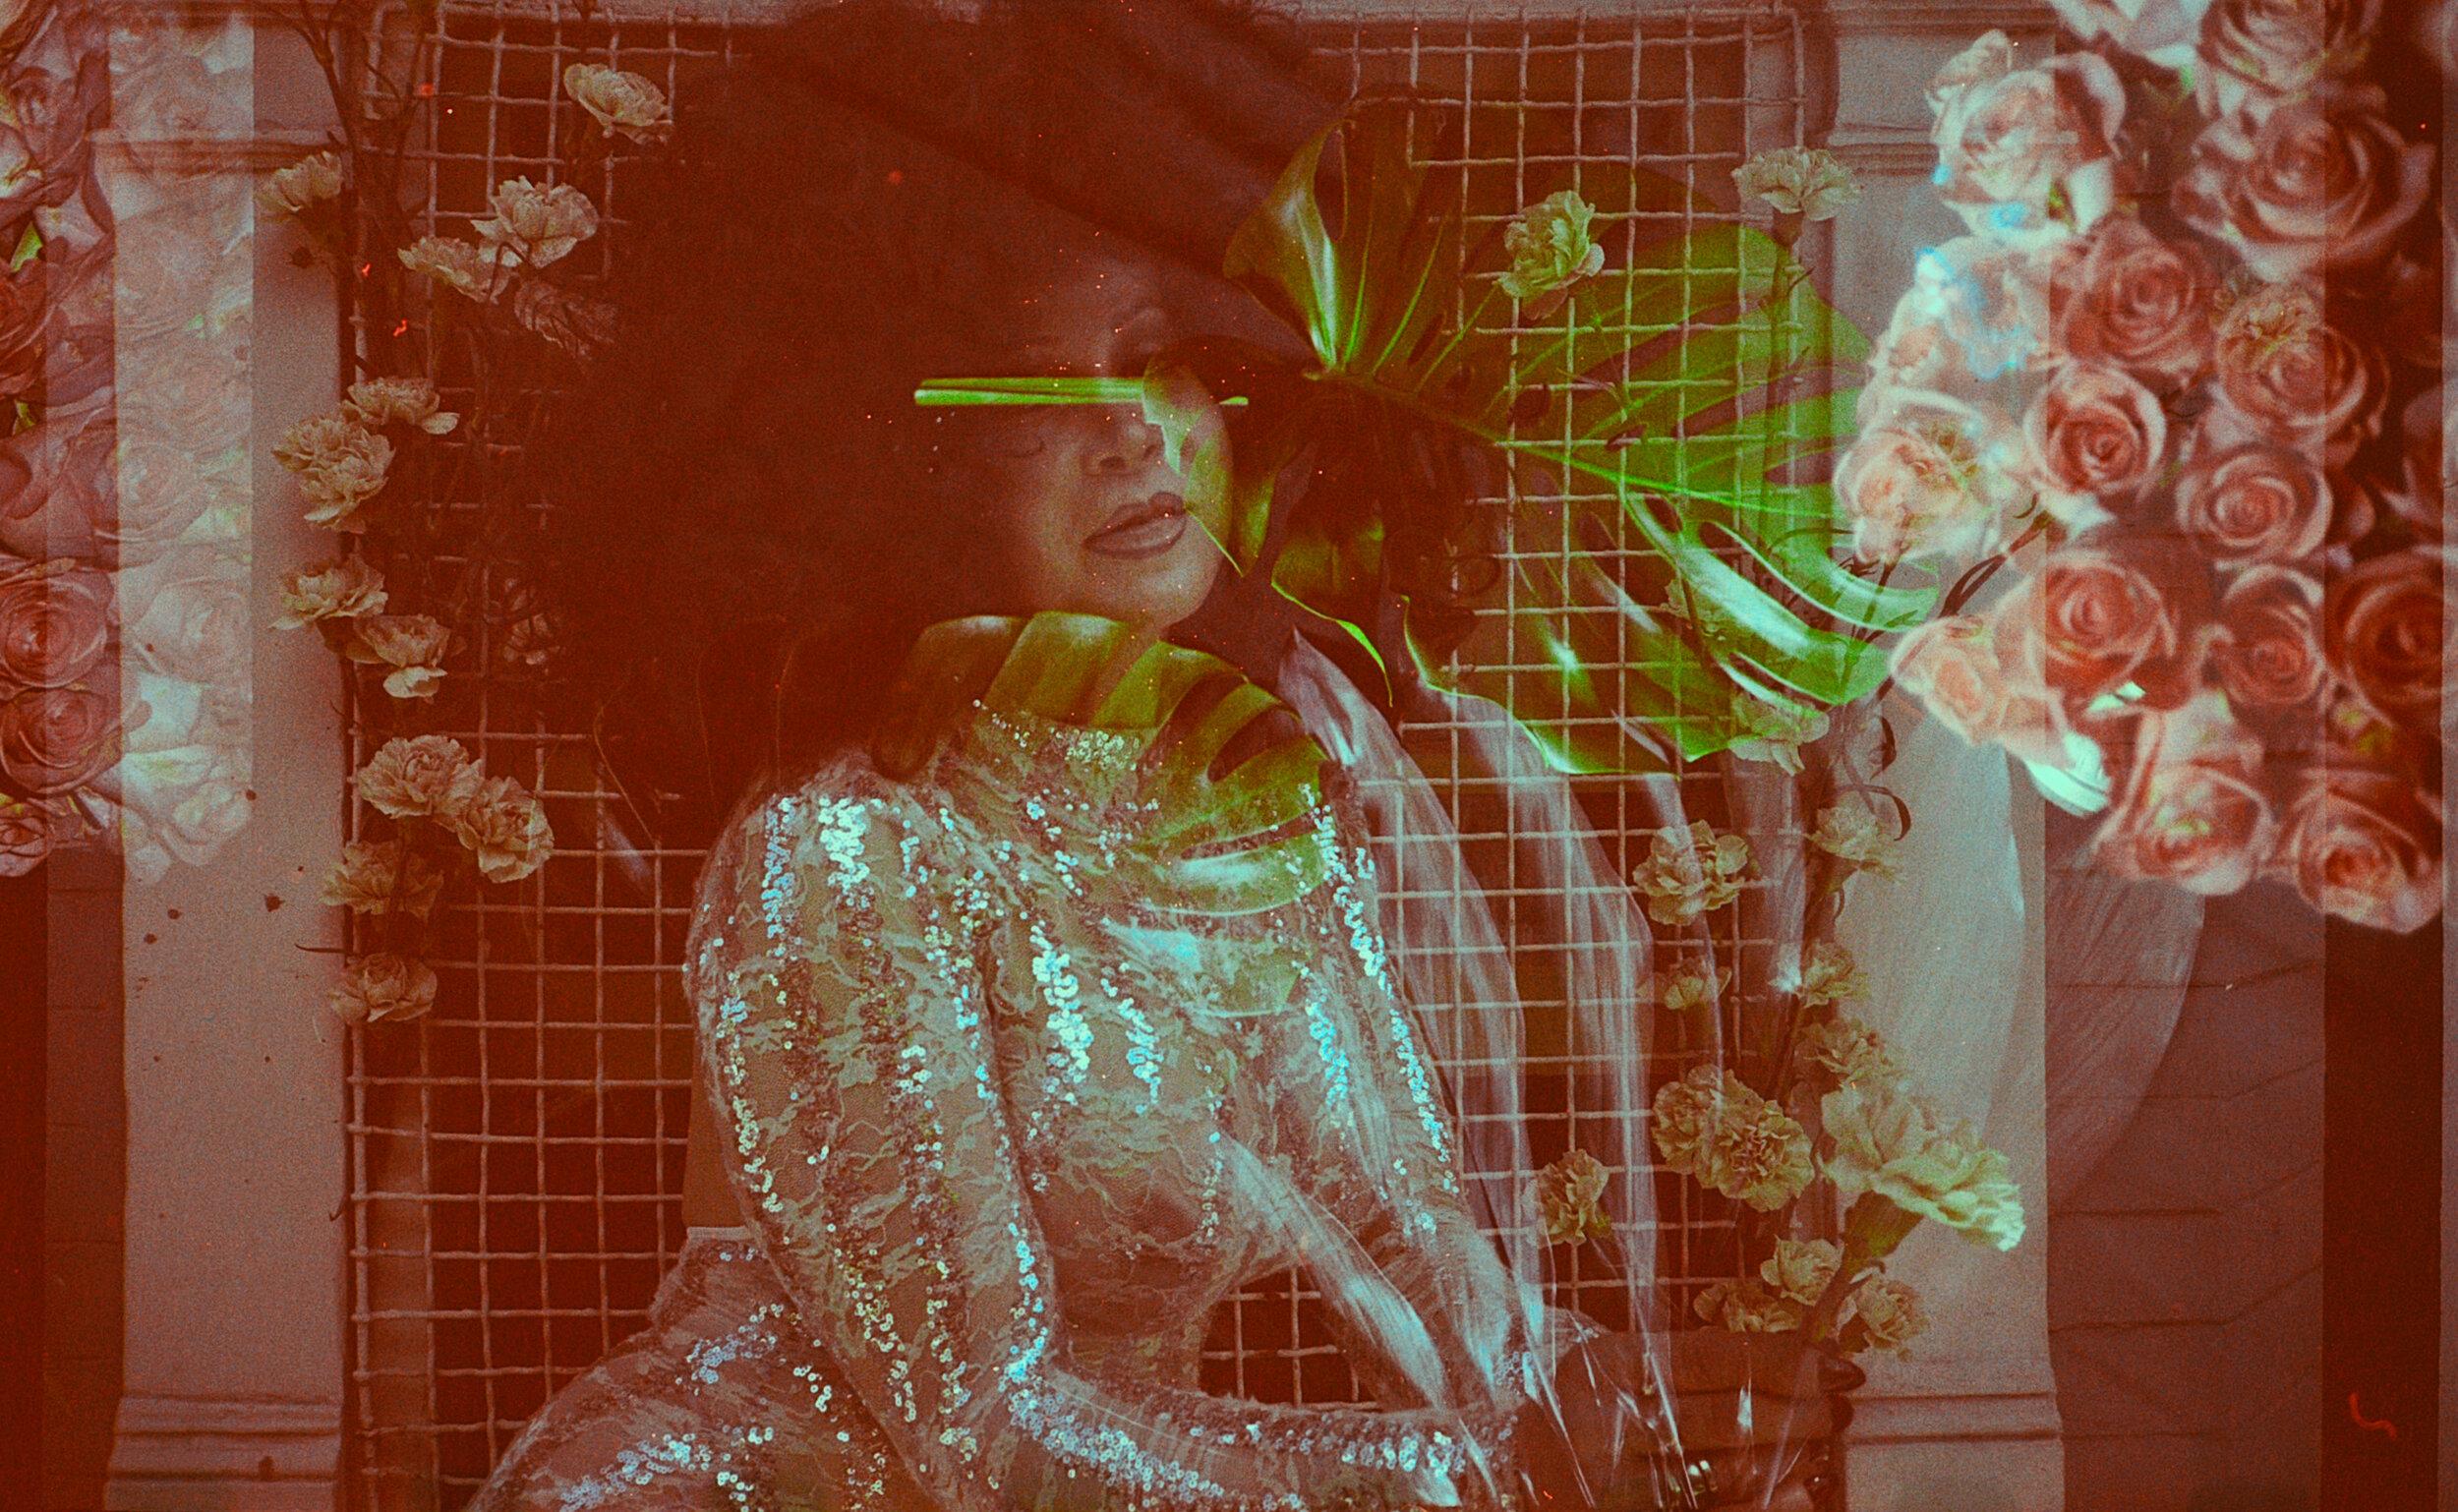 San Francisco Drag Legend Carla Gay of El/La para TransLatinas